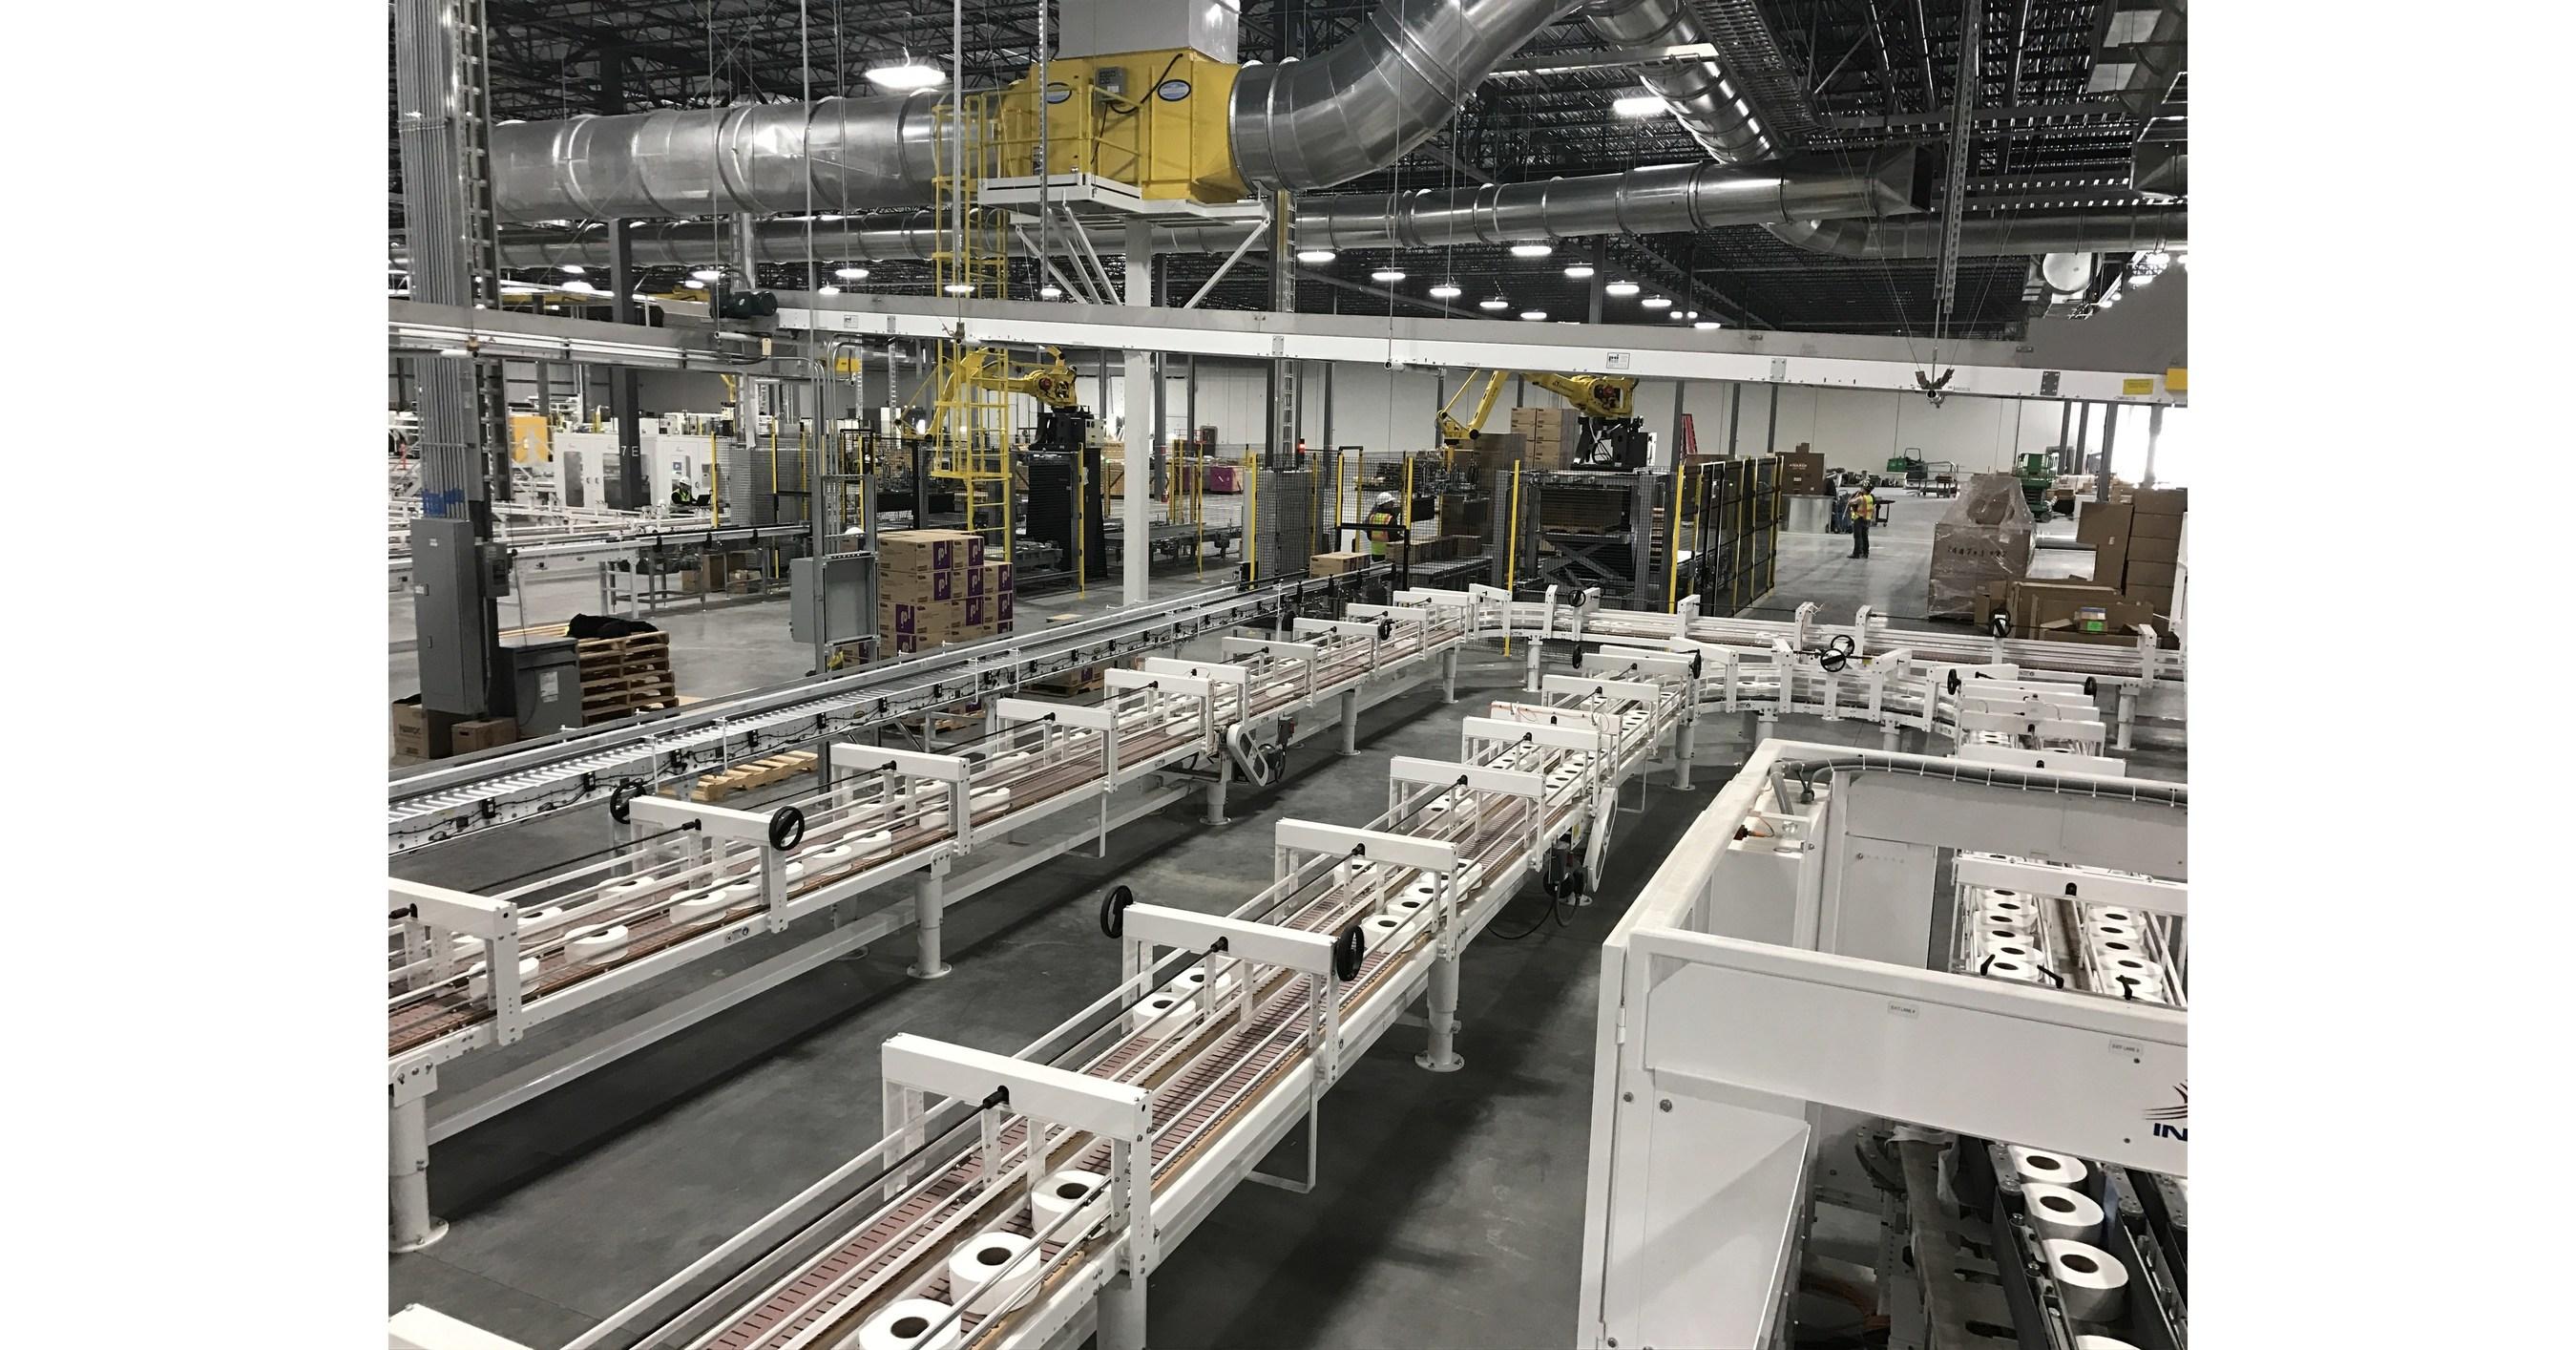 cnw cascades inaugure une nouvelle usine de conversion de papier tissu la fine pointe de la. Black Bedroom Furniture Sets. Home Design Ideas